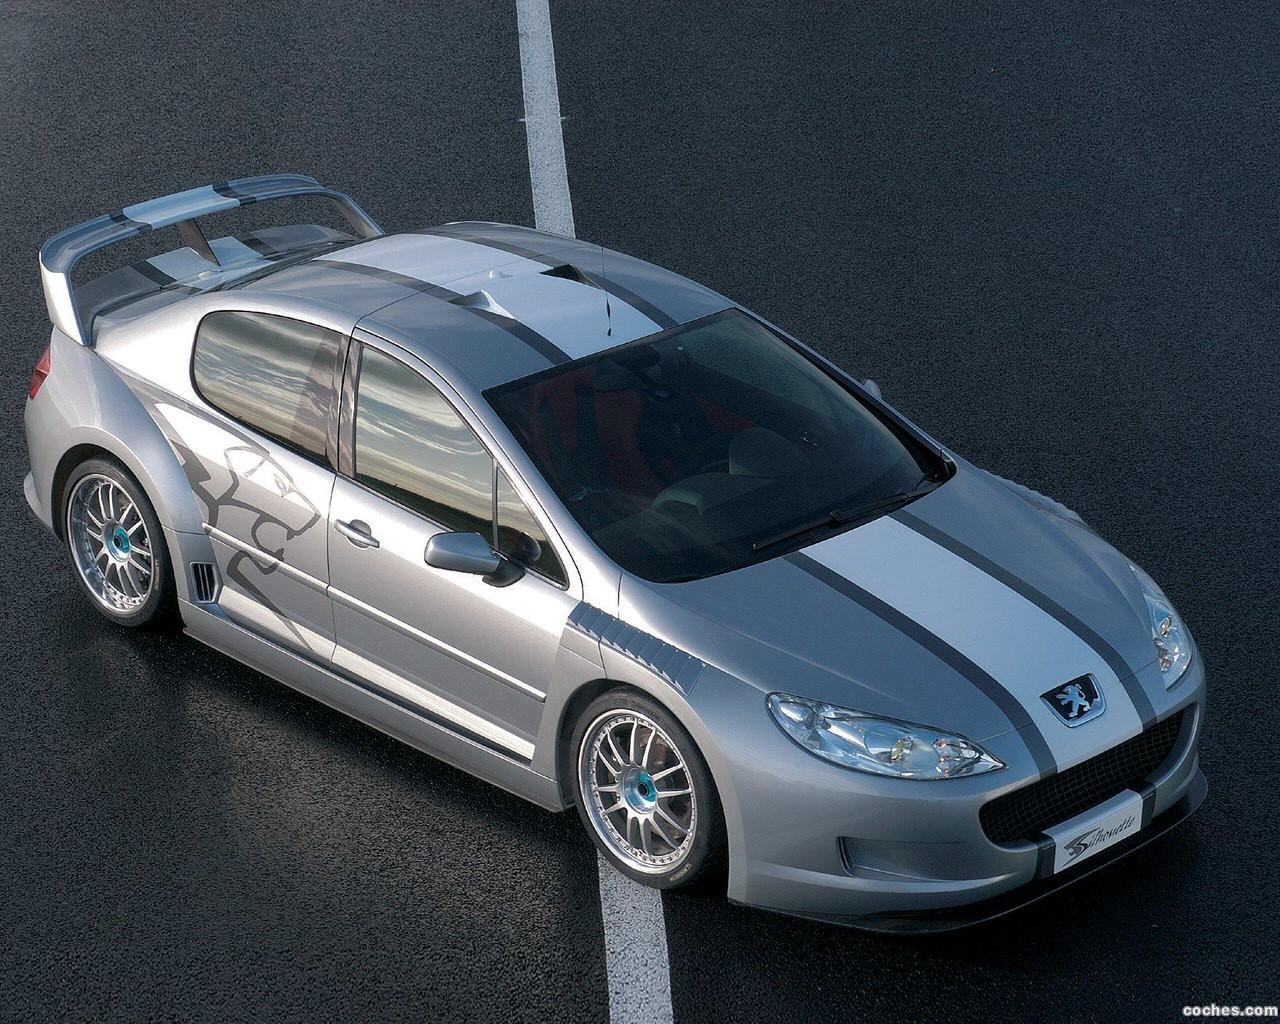 Foto 0 de Peugeot 407 Silhouette Concept 2004